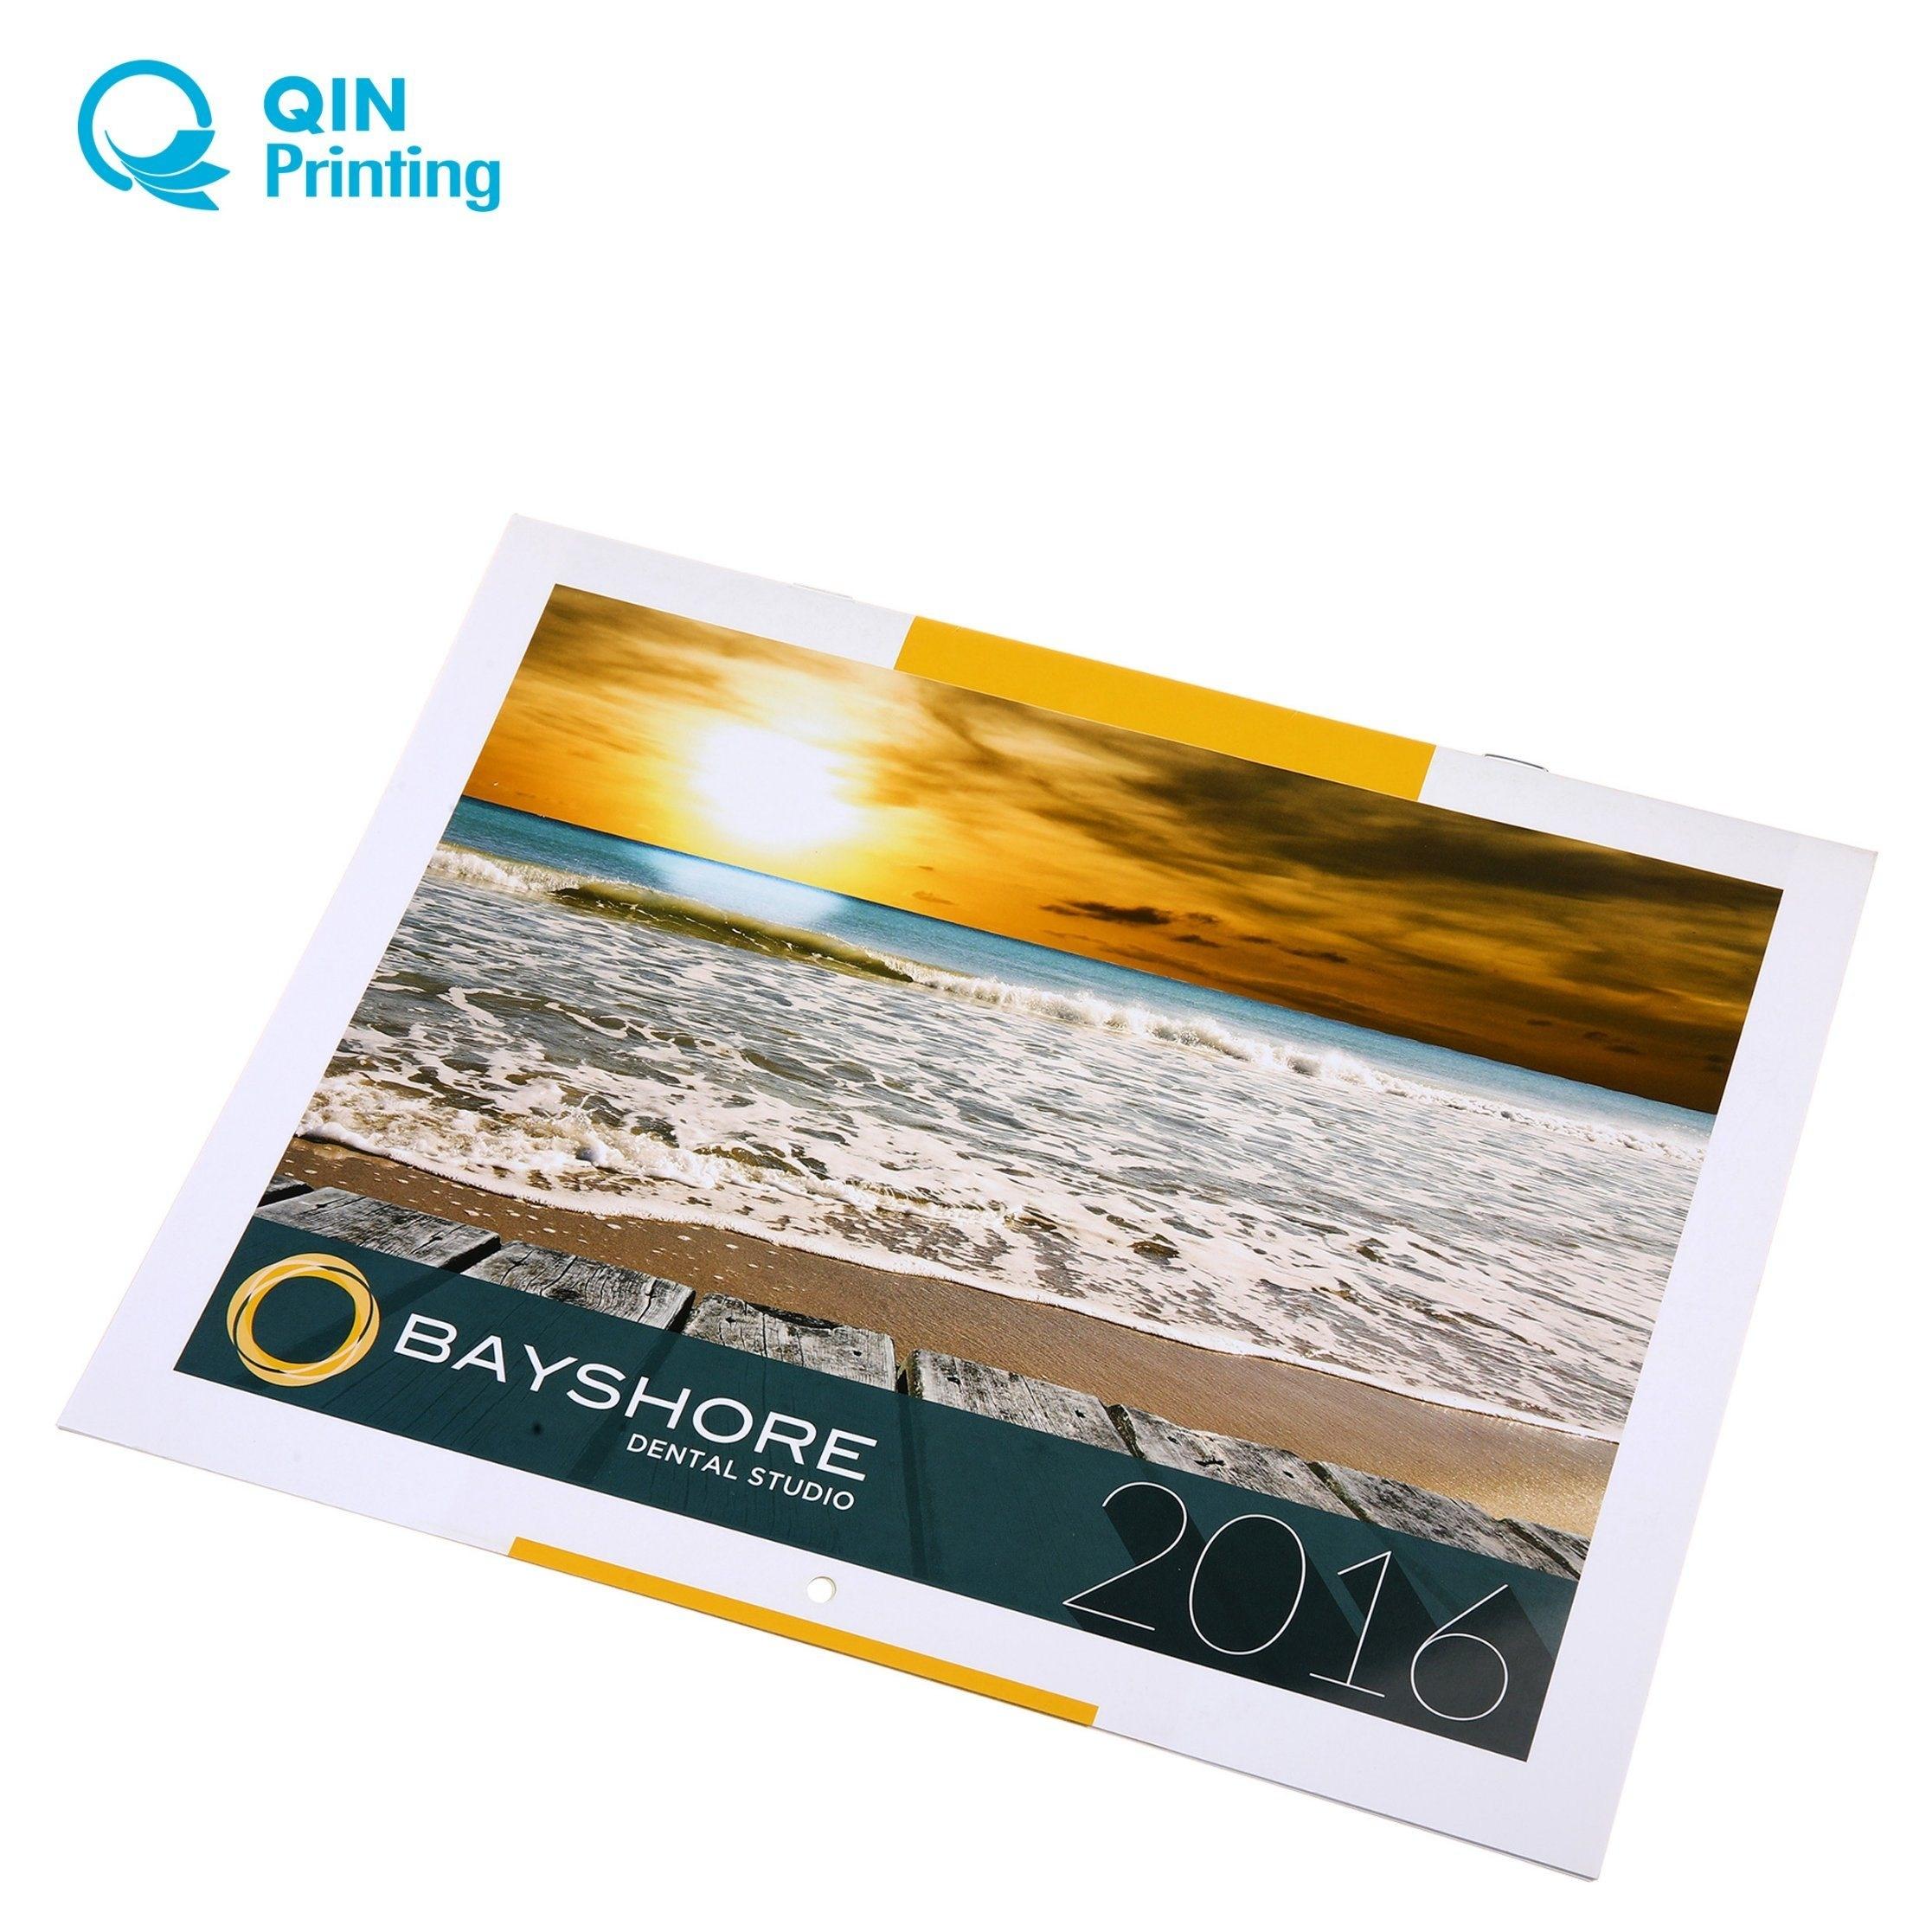 [Hot Item] 2018 Standard A4 Wholesale Wall Calendar Printing_A4 Wall Calendar Printing